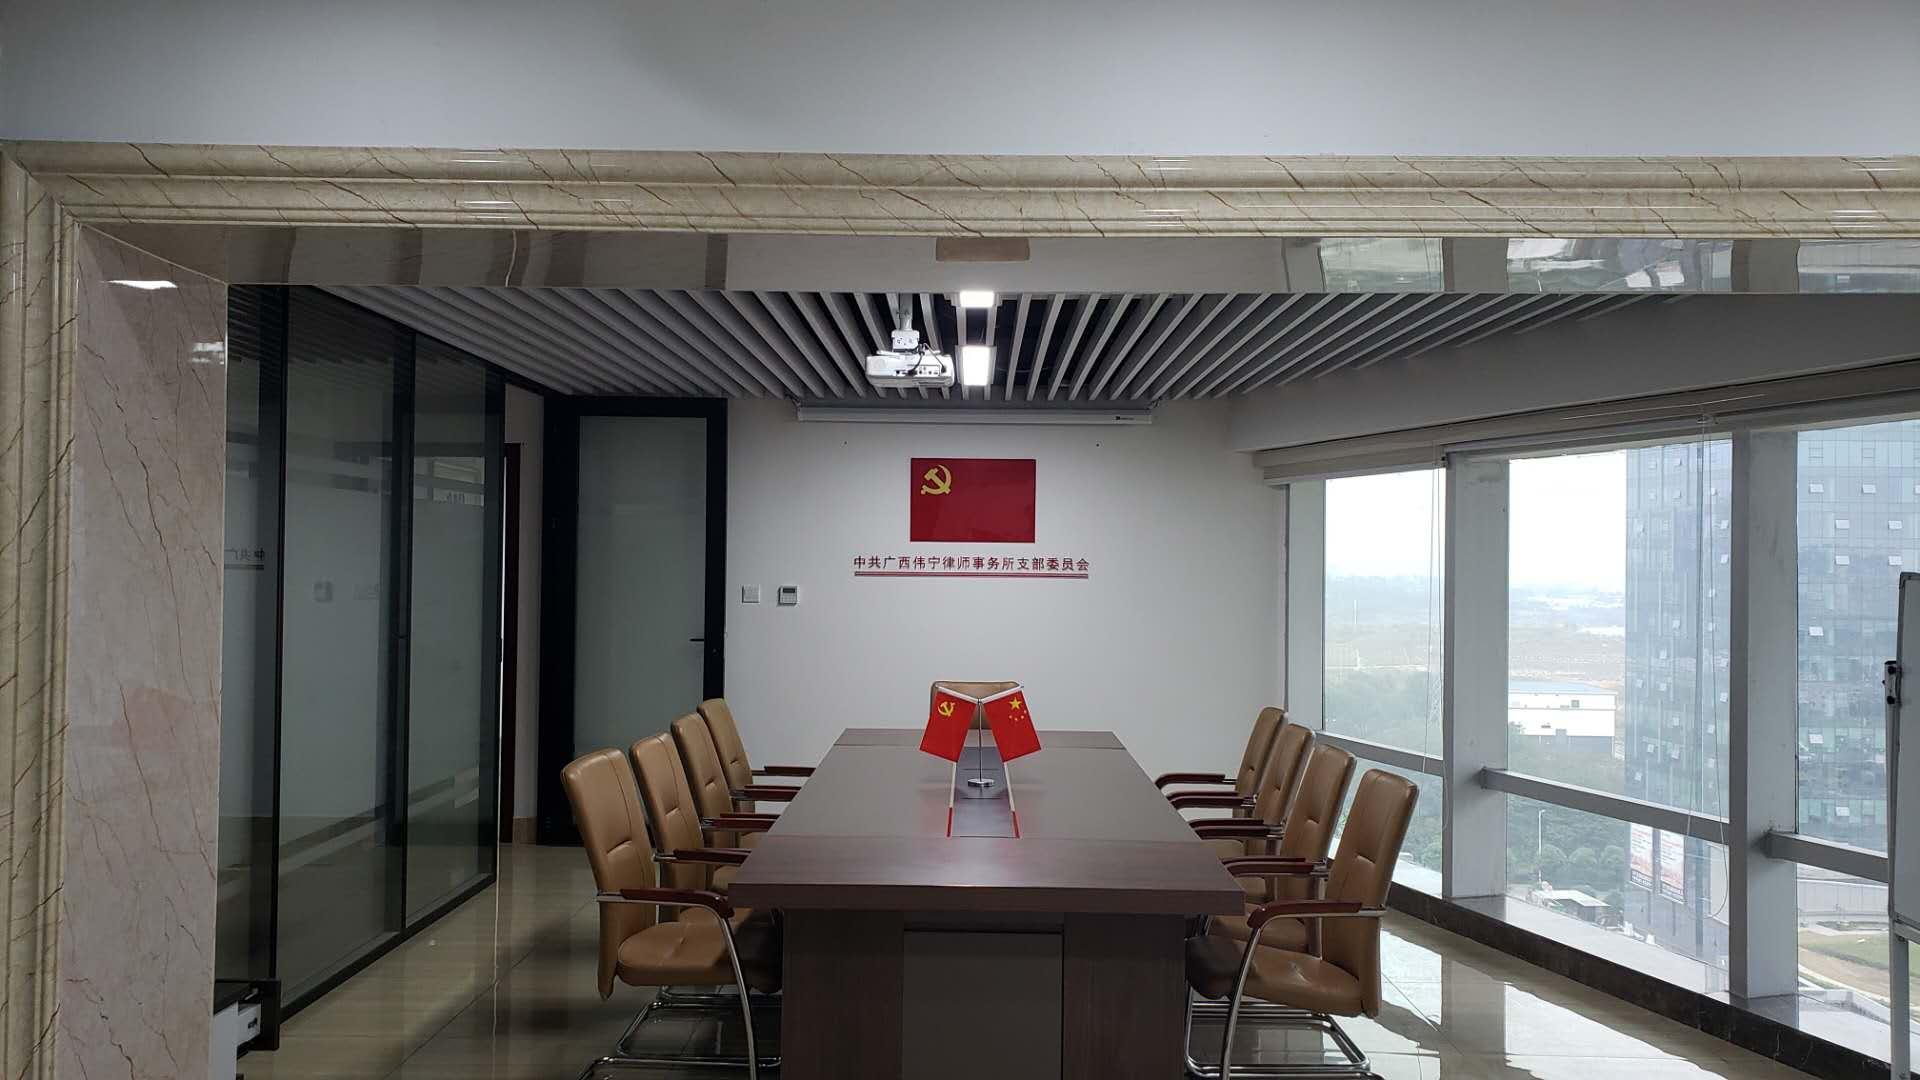 支委会会议室